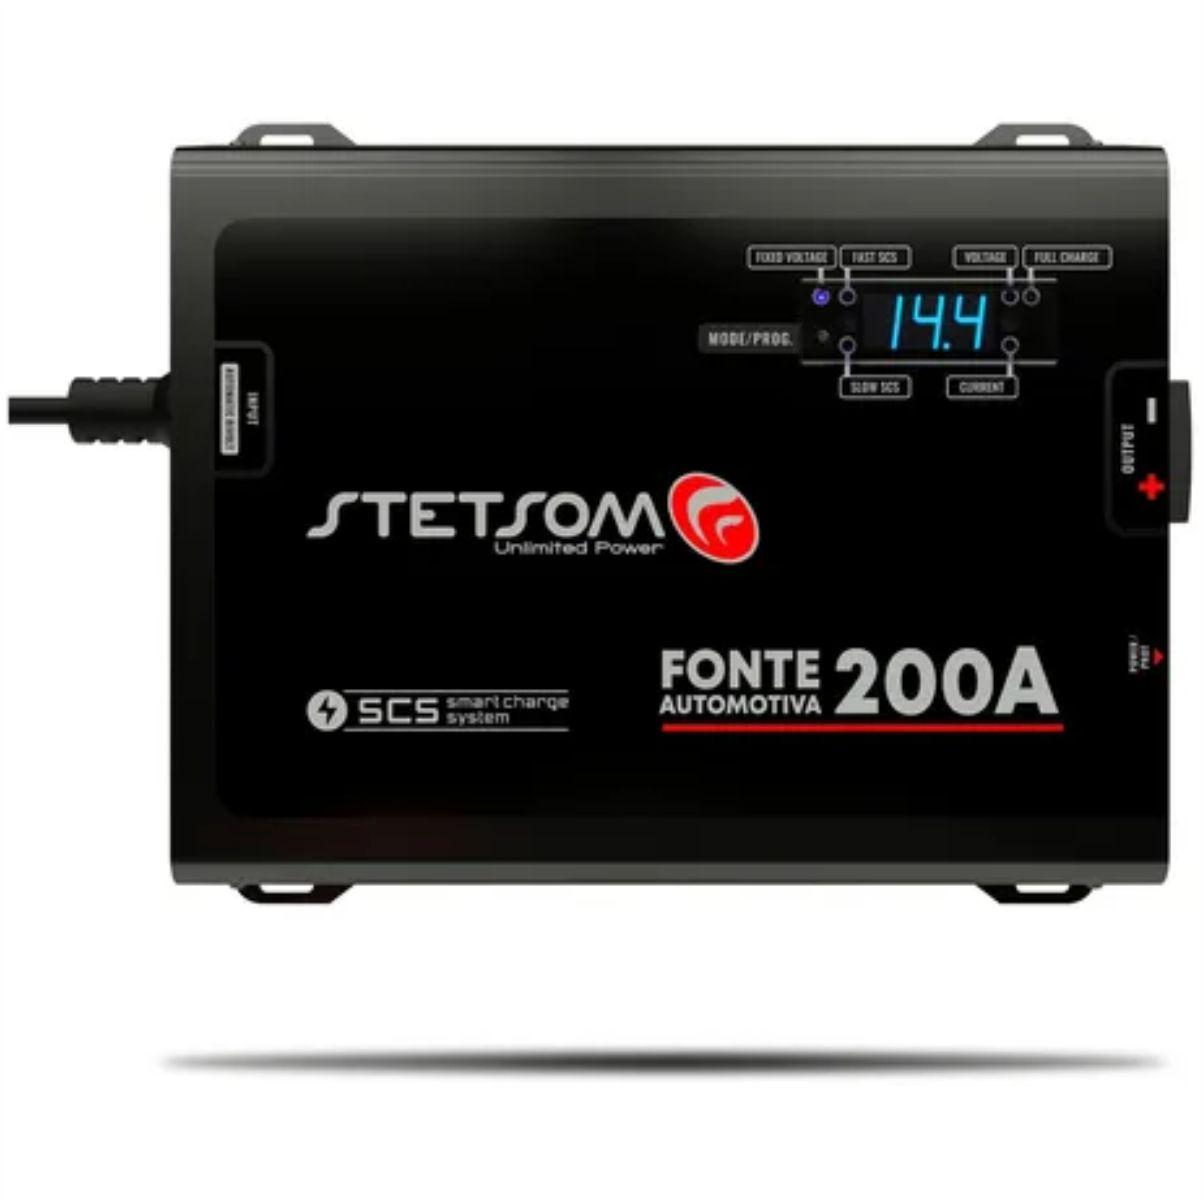 Fonte e Carregador Stetsom 200A SCS 12 Volts com Voltímetro e Amperímetro Bivolt